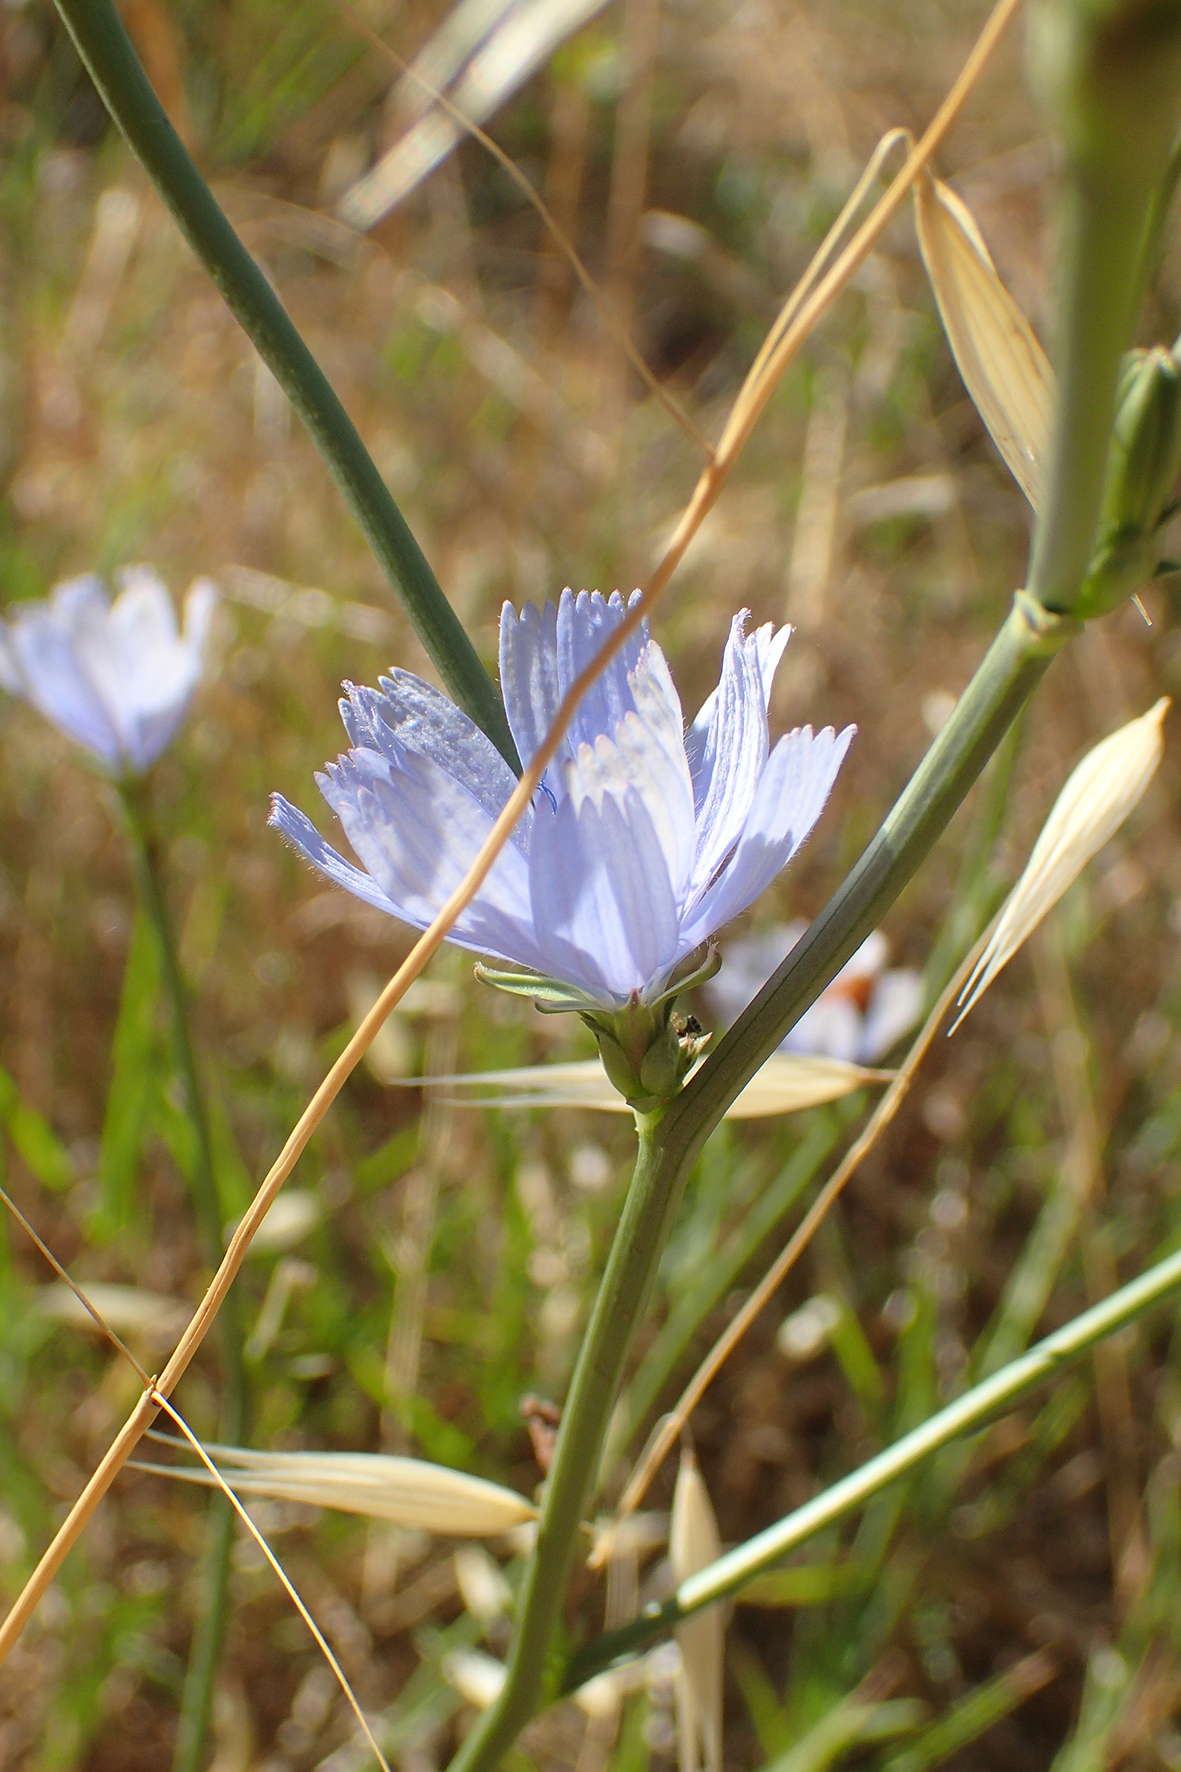 Cichorium intybus / Asteraceae